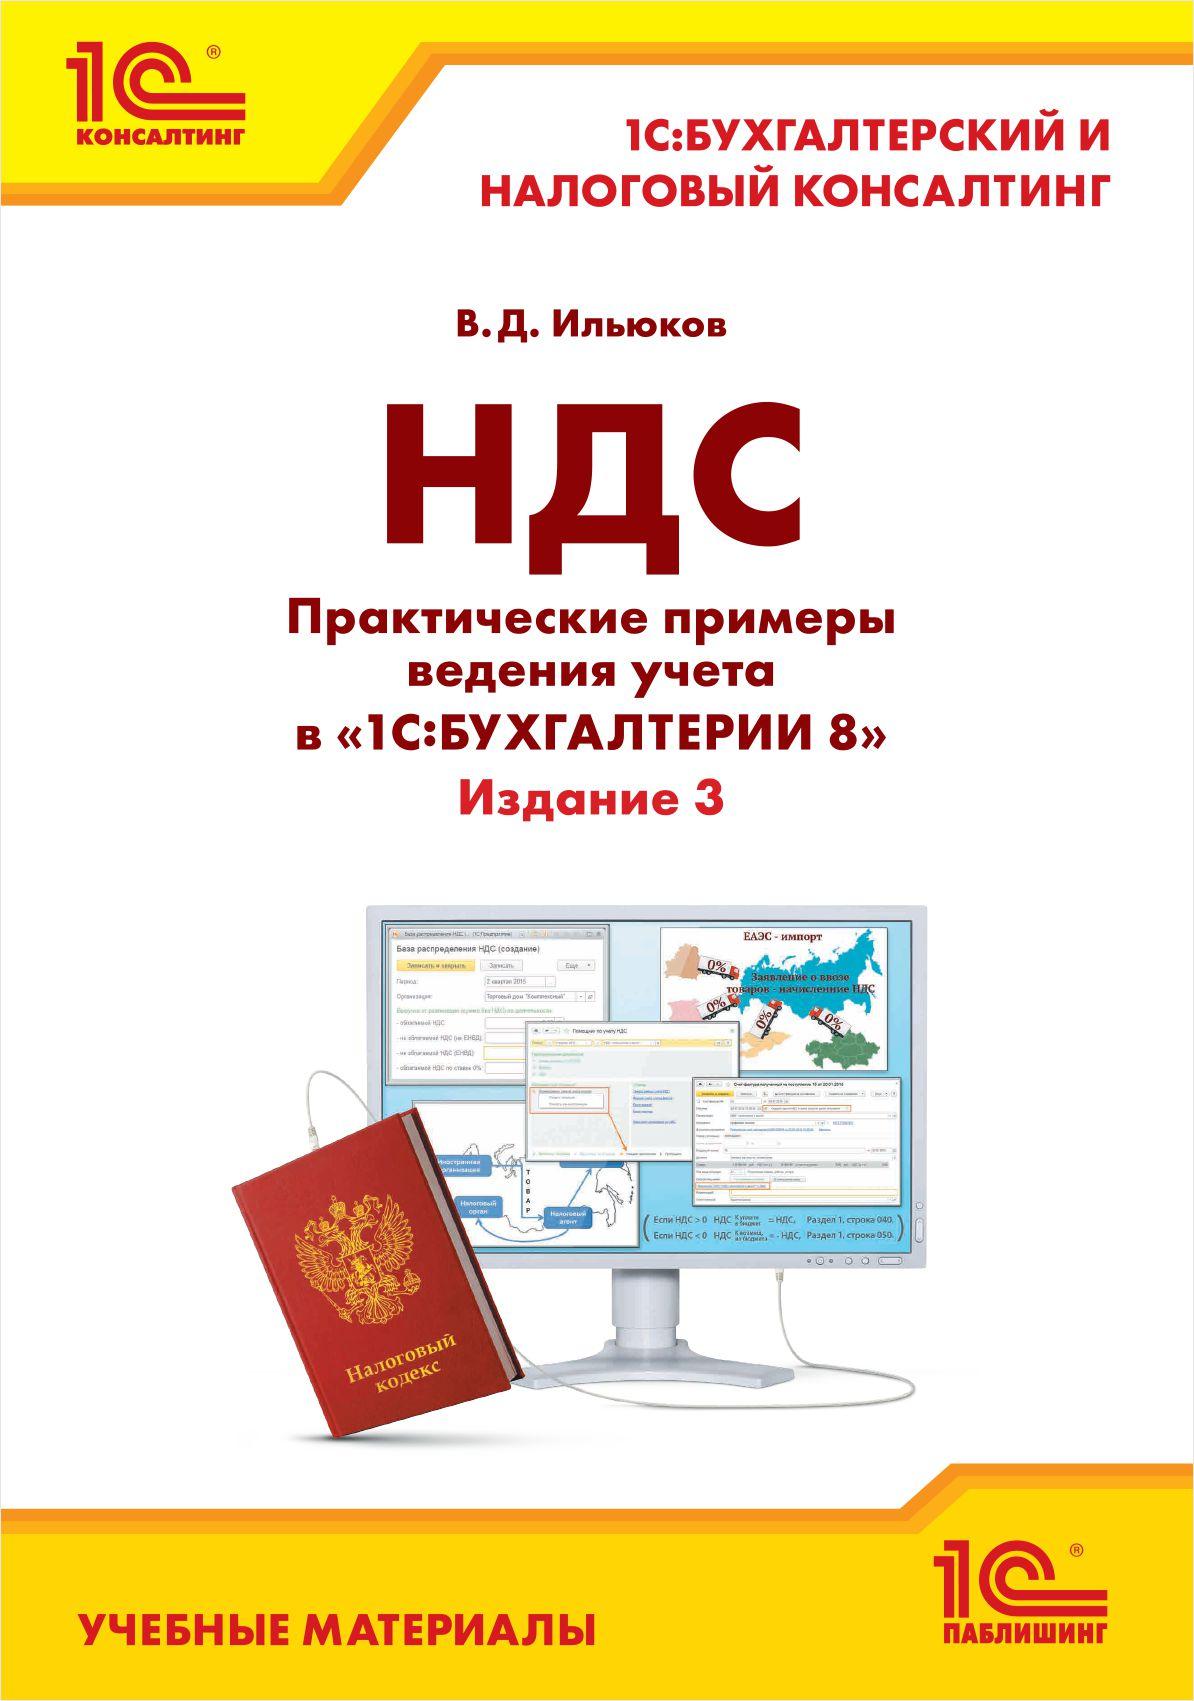 Ильюков В.Д. НДС. Практические примеры ведения учета в 1С:Бухгалтерии 8. Издание 3 [цифровая версия] (Цифровая версия)